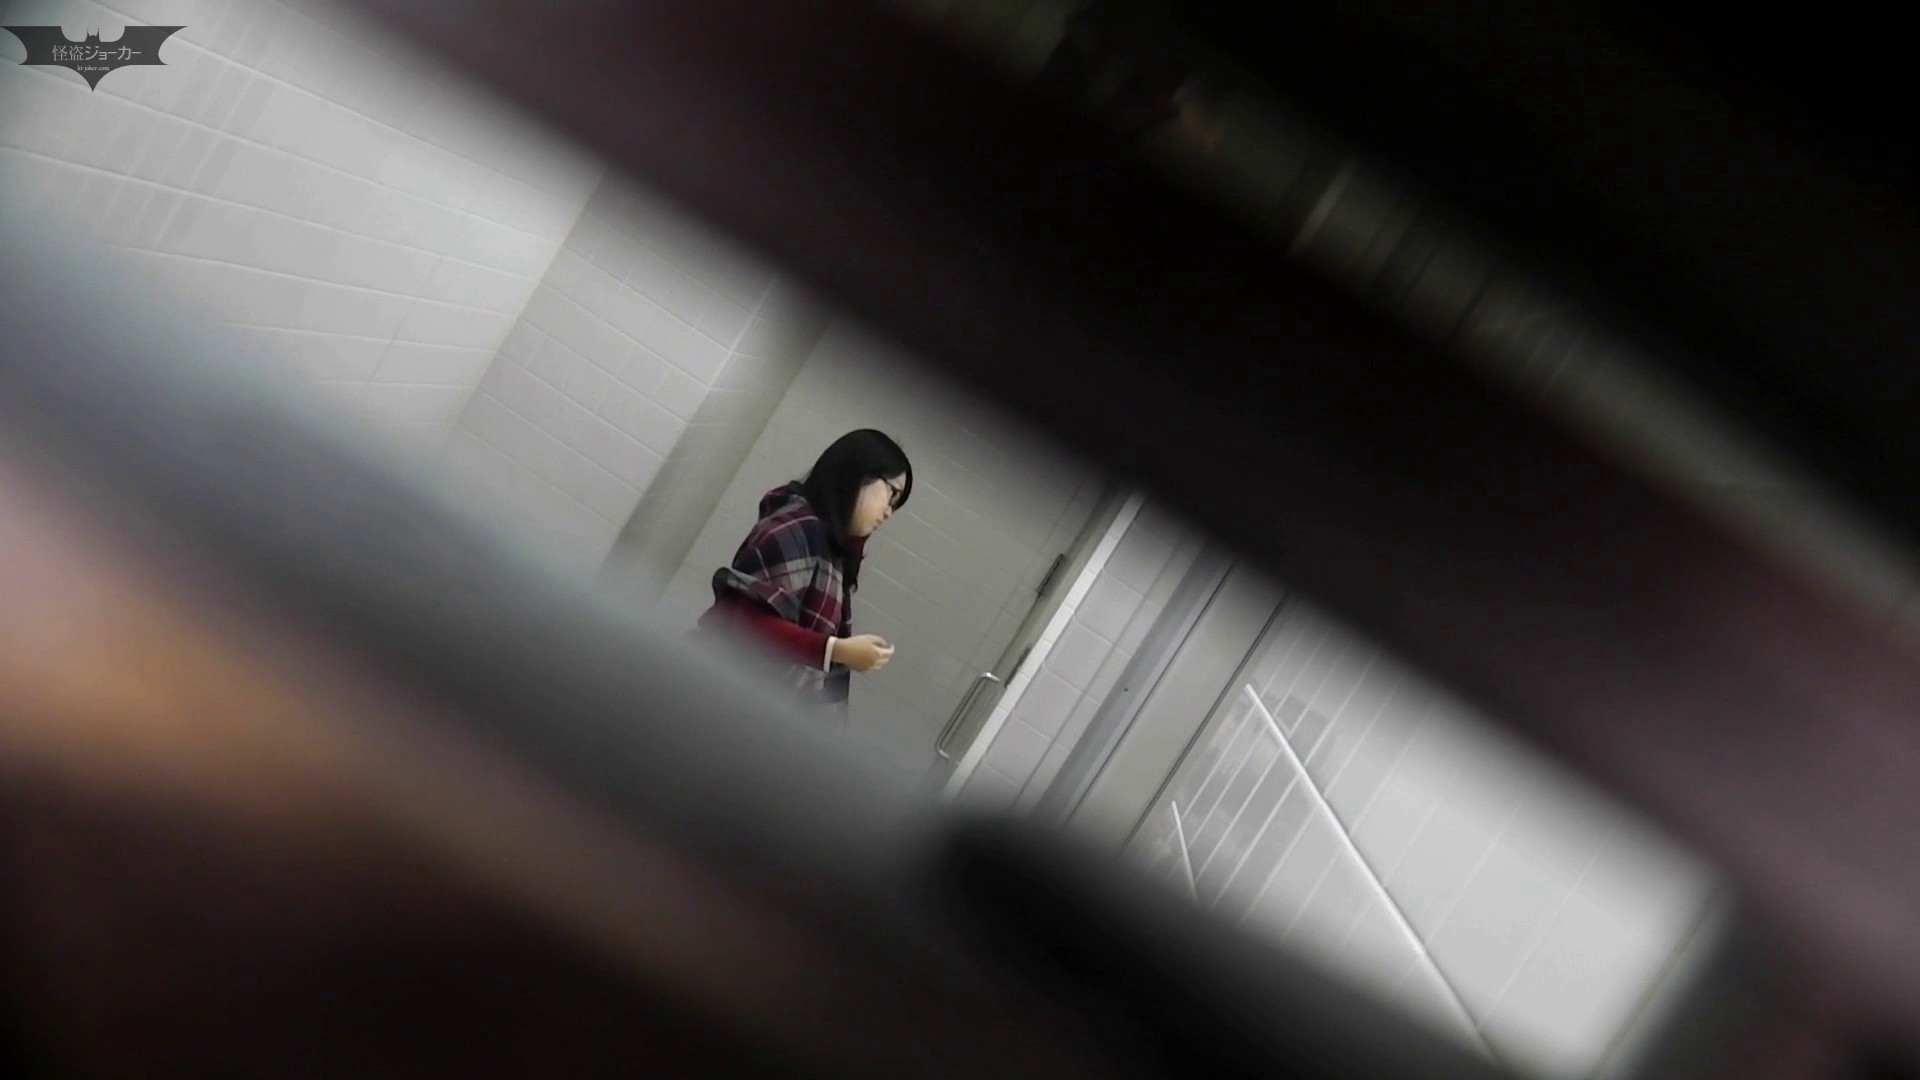 お銀さん vol.59 ピンチ!!「鏡の前で祈る女性」にばれる危機 お姉さん  98PIX 74